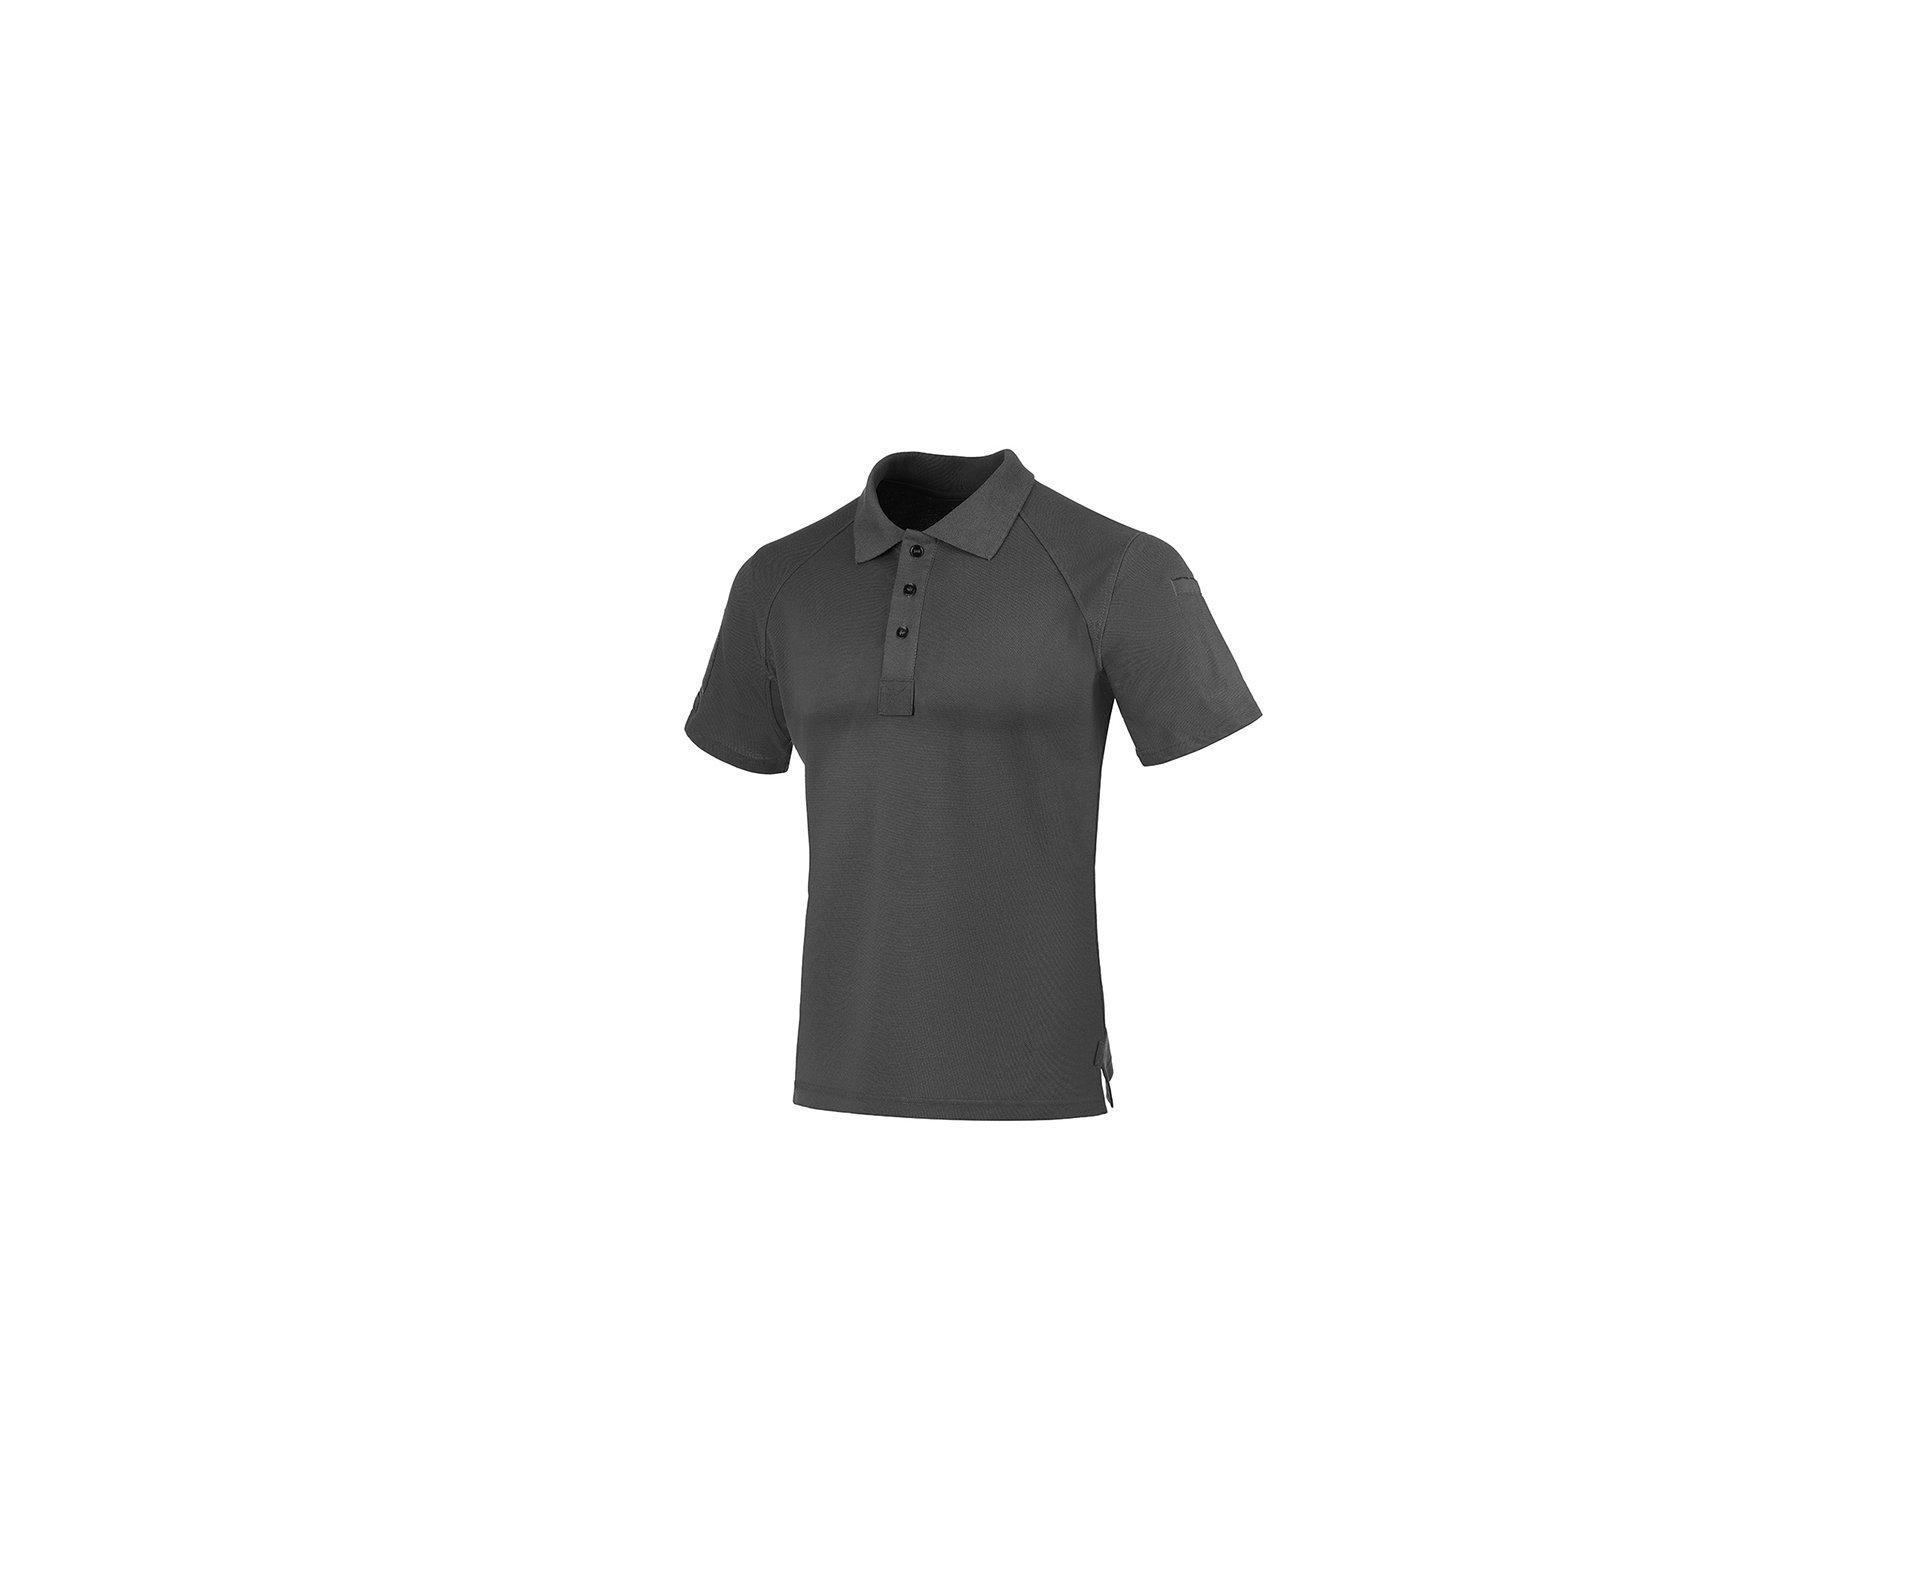 Camisa Tatica Polo Invictus Control Cinza Pilot  - P